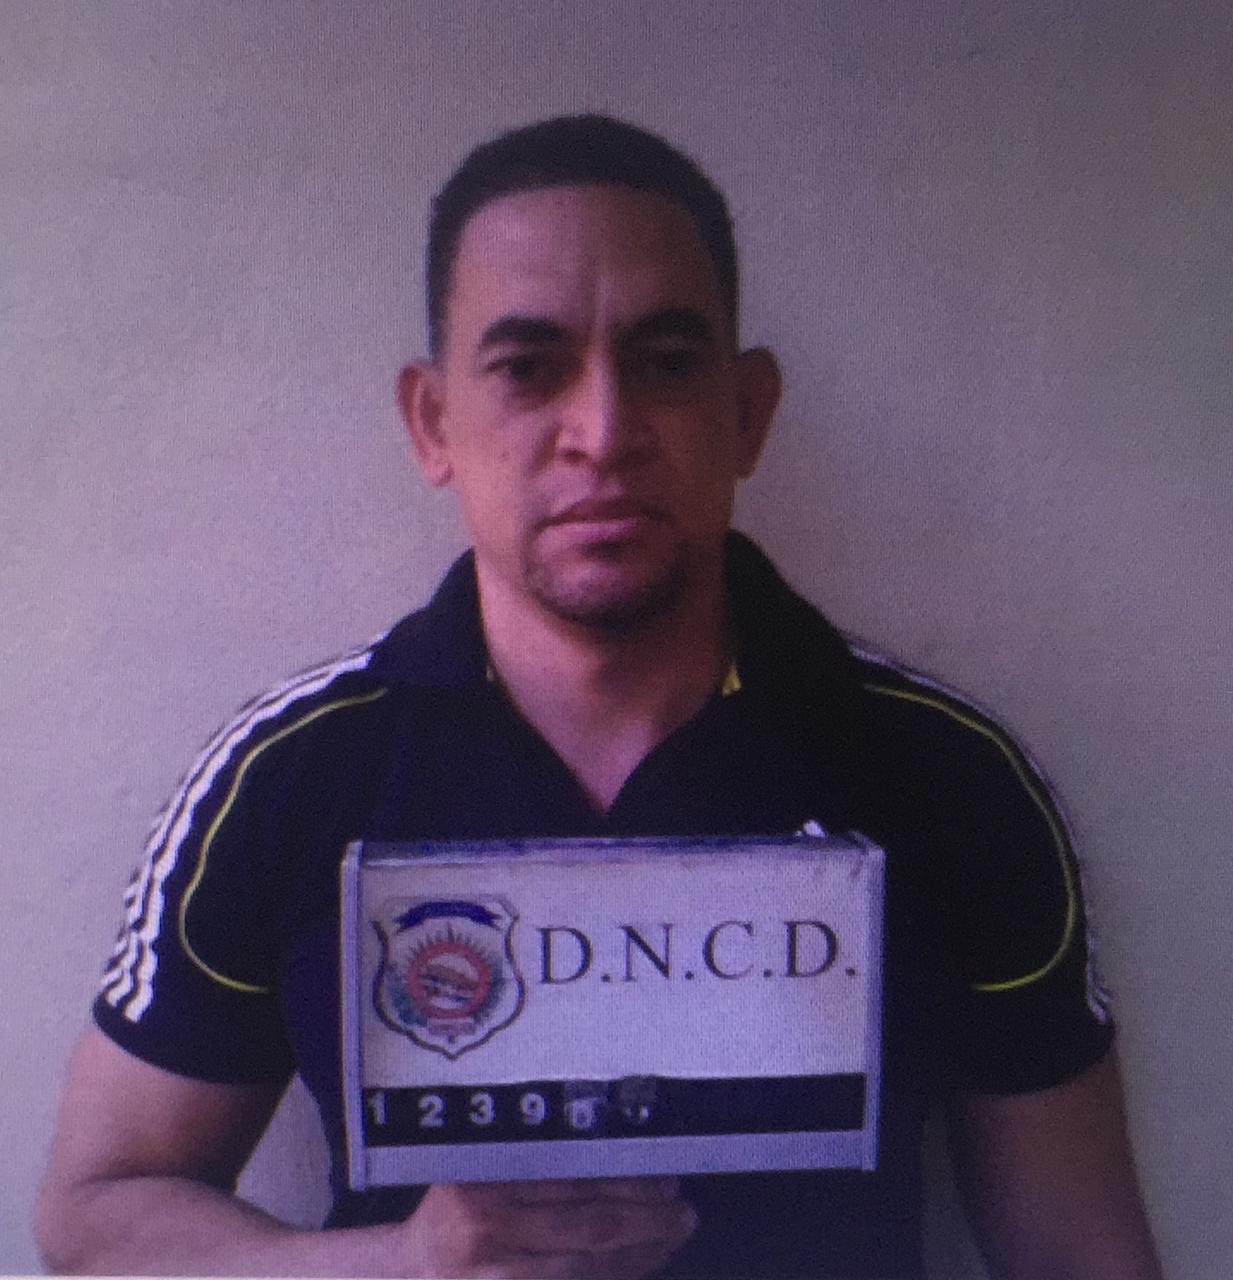 Colocan alerta migratoria contra exoficial PN presunto cabecilla de red de narcotráfico